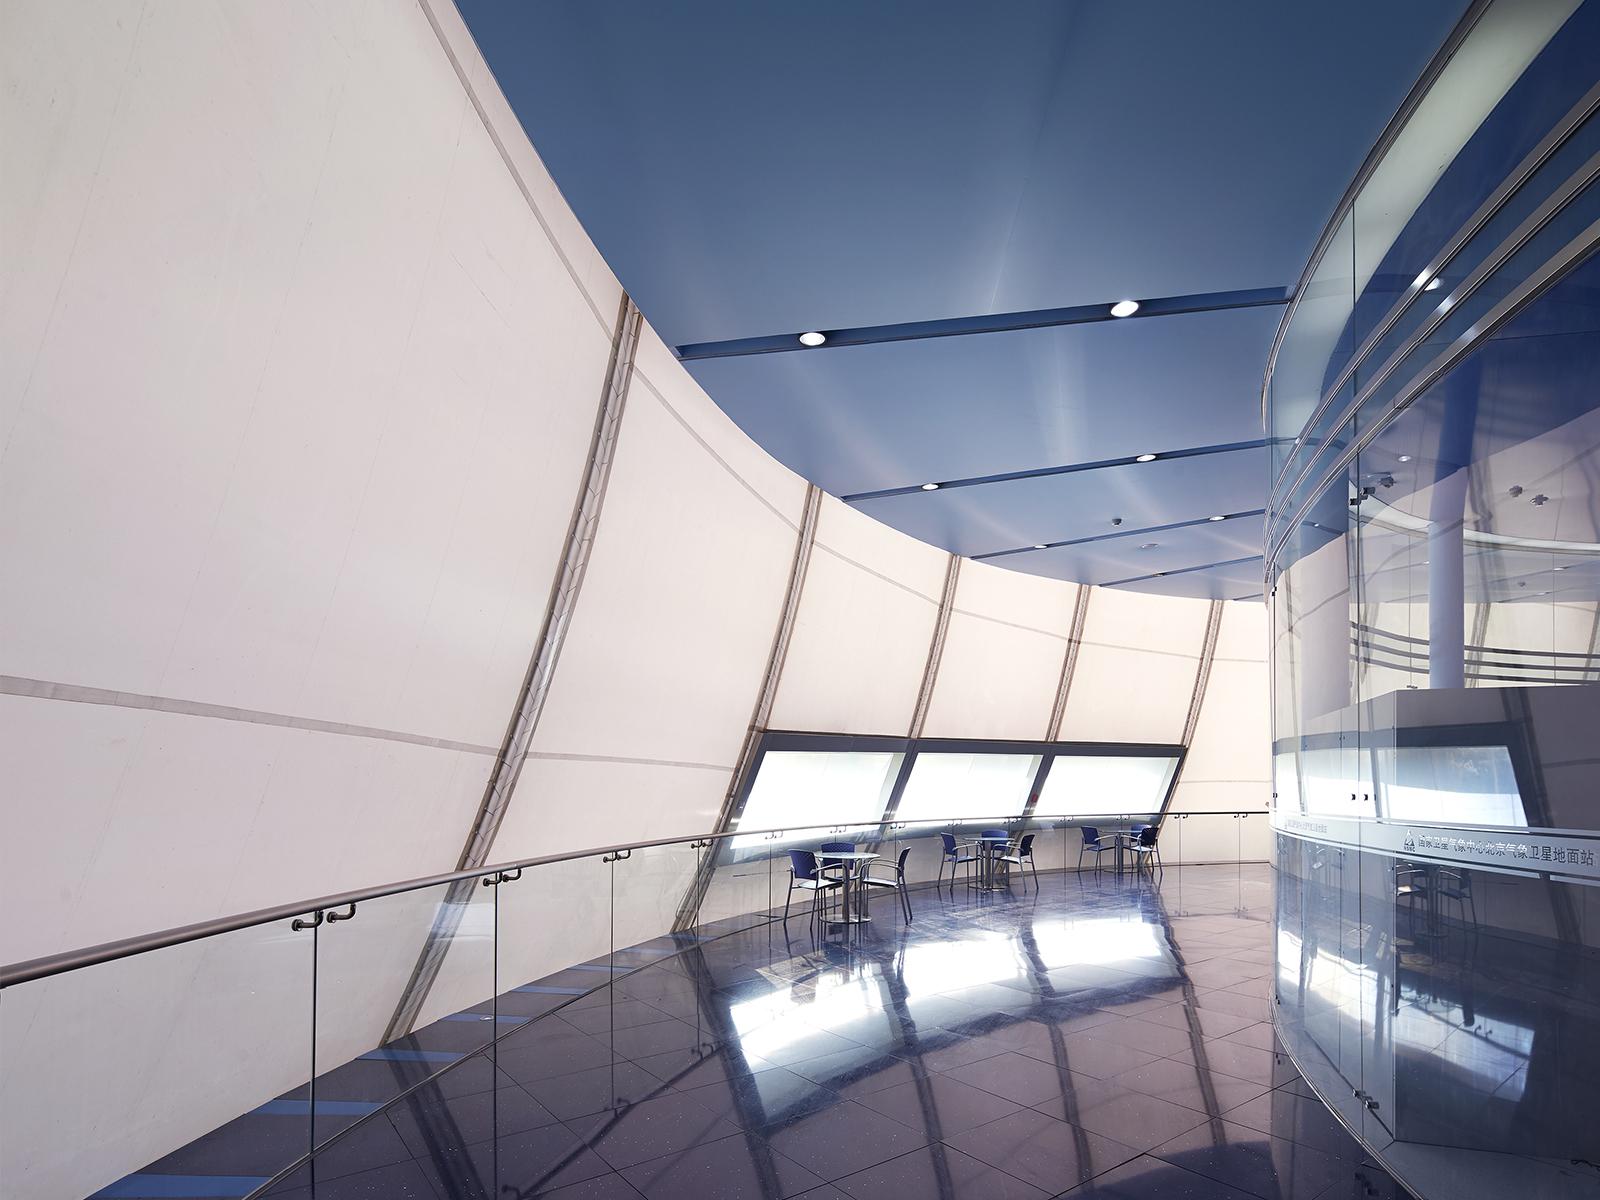 8北京卫星地面站改造_Meteorology Satellite Centre of Beijing_Right_08.jpg